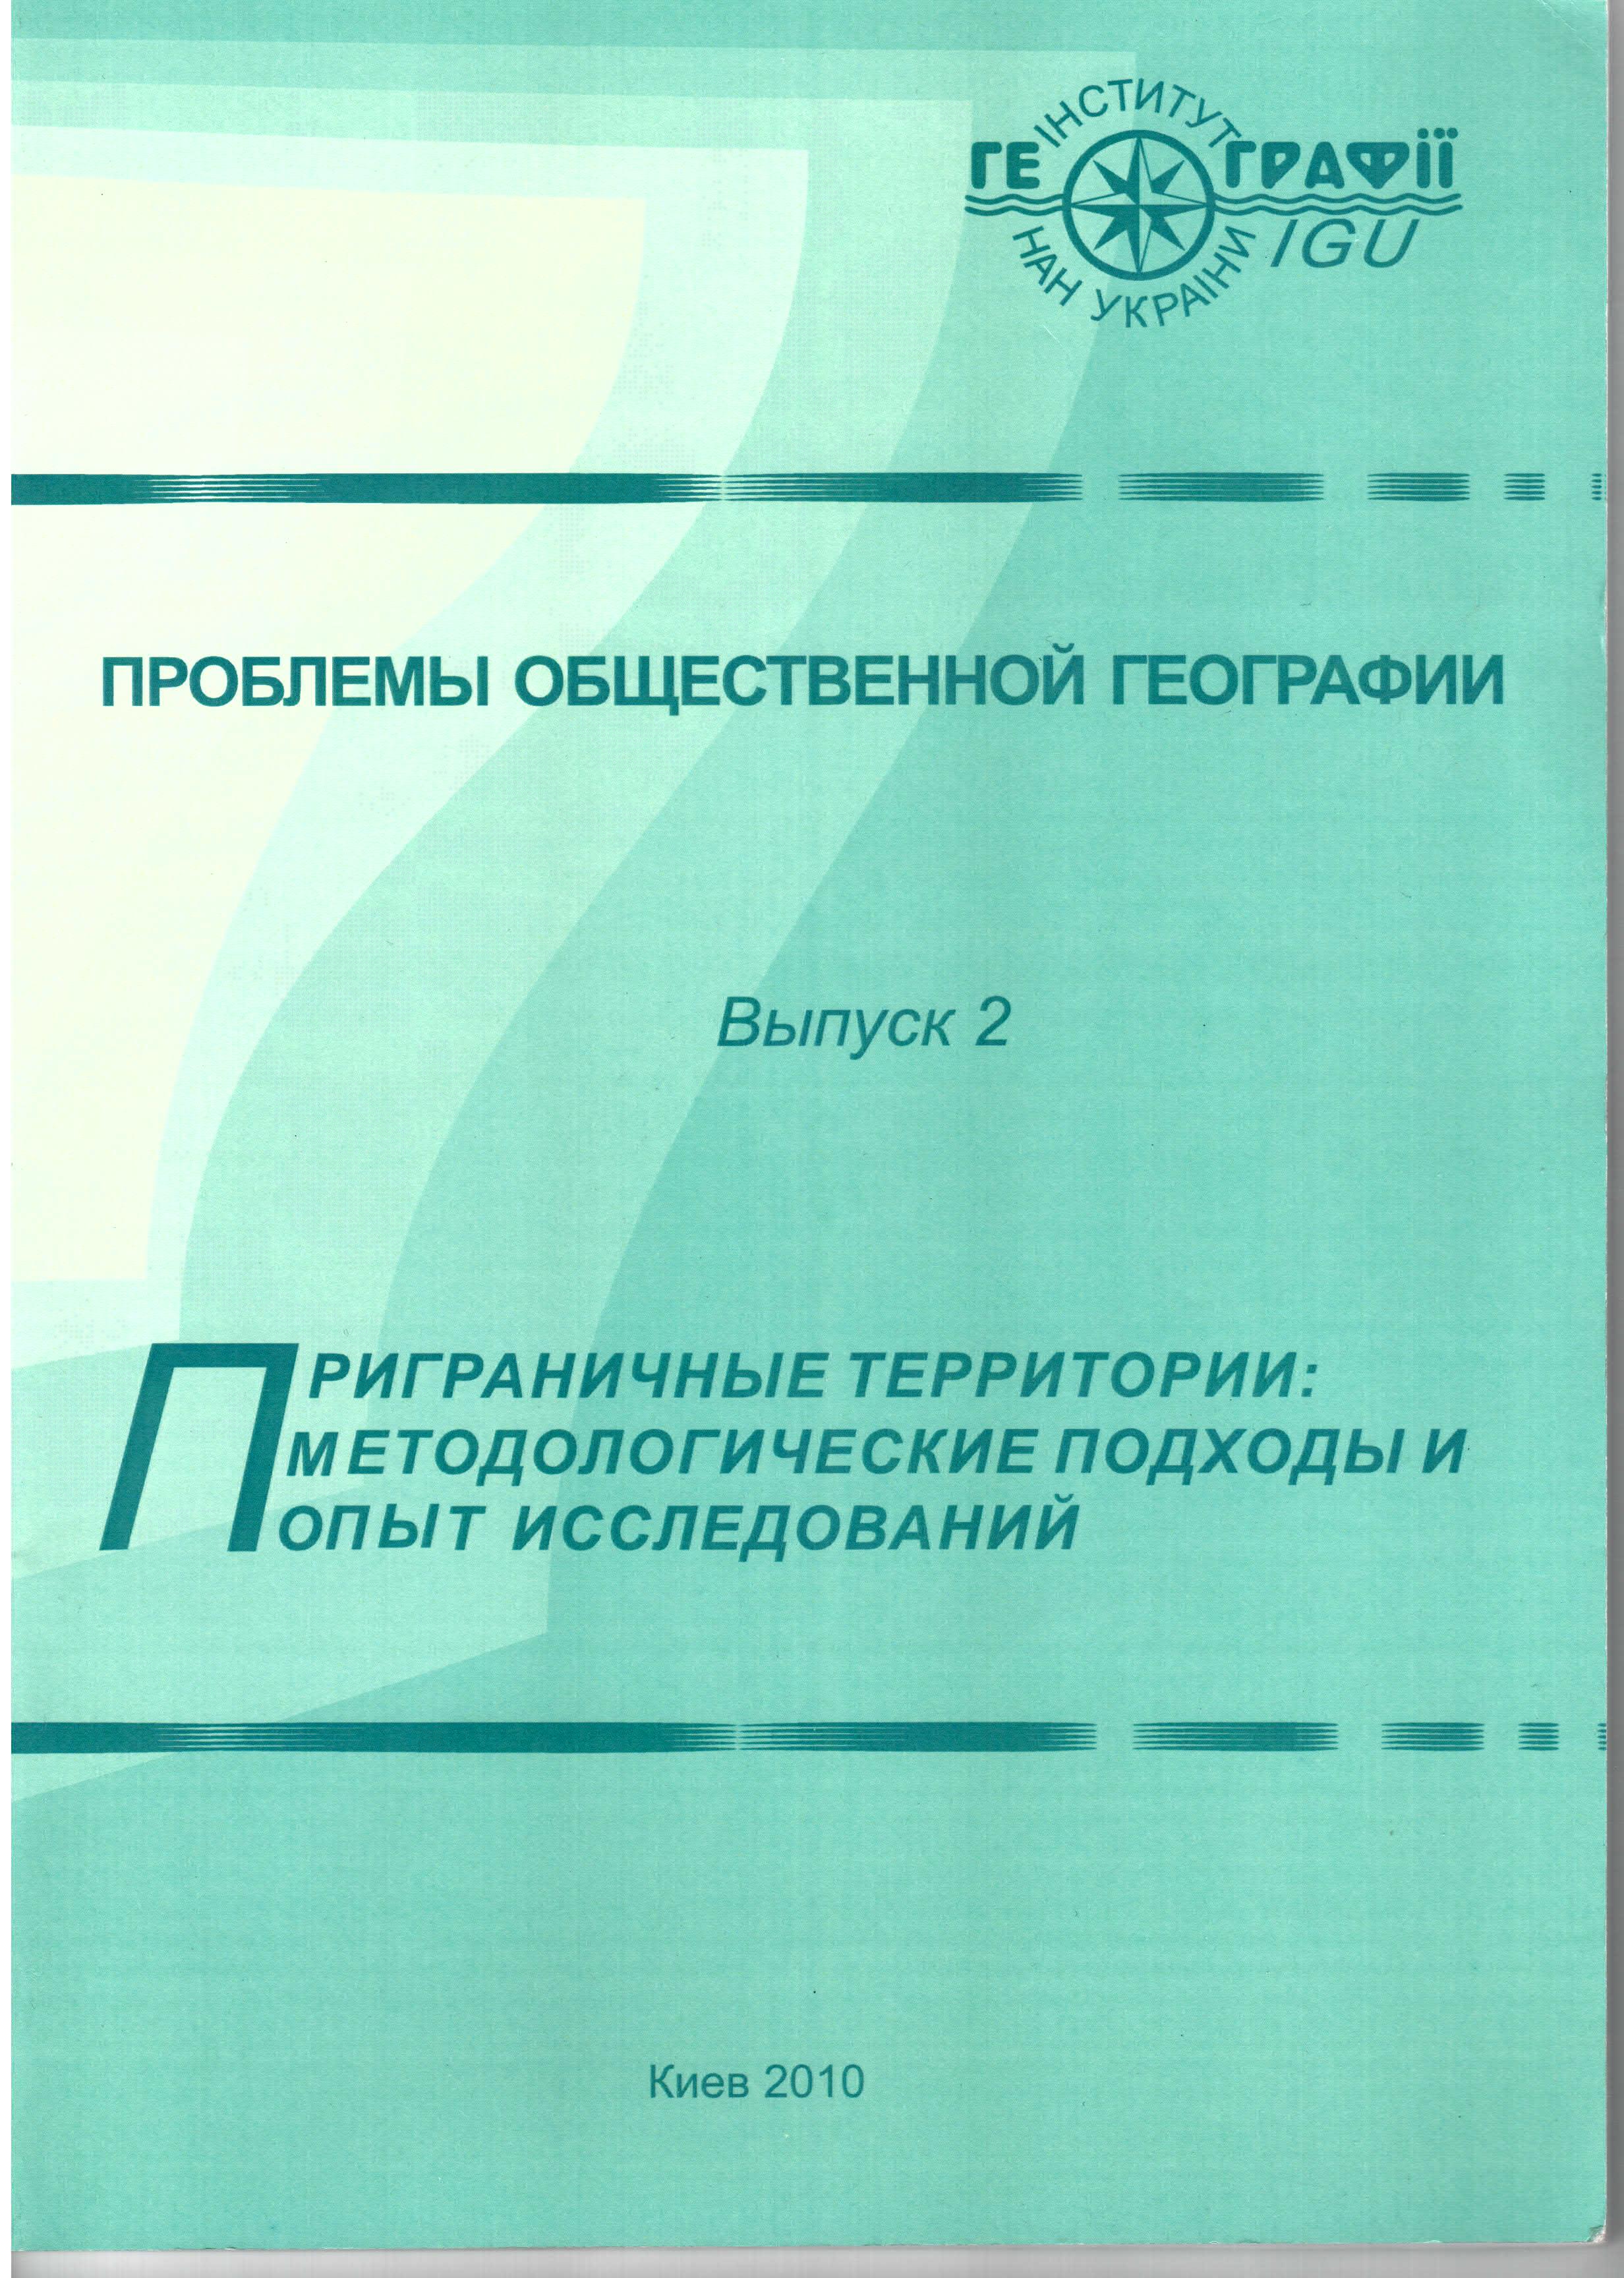 Проблемы общественной географии. Приграничные территории: методологические подходы и опыт исследований